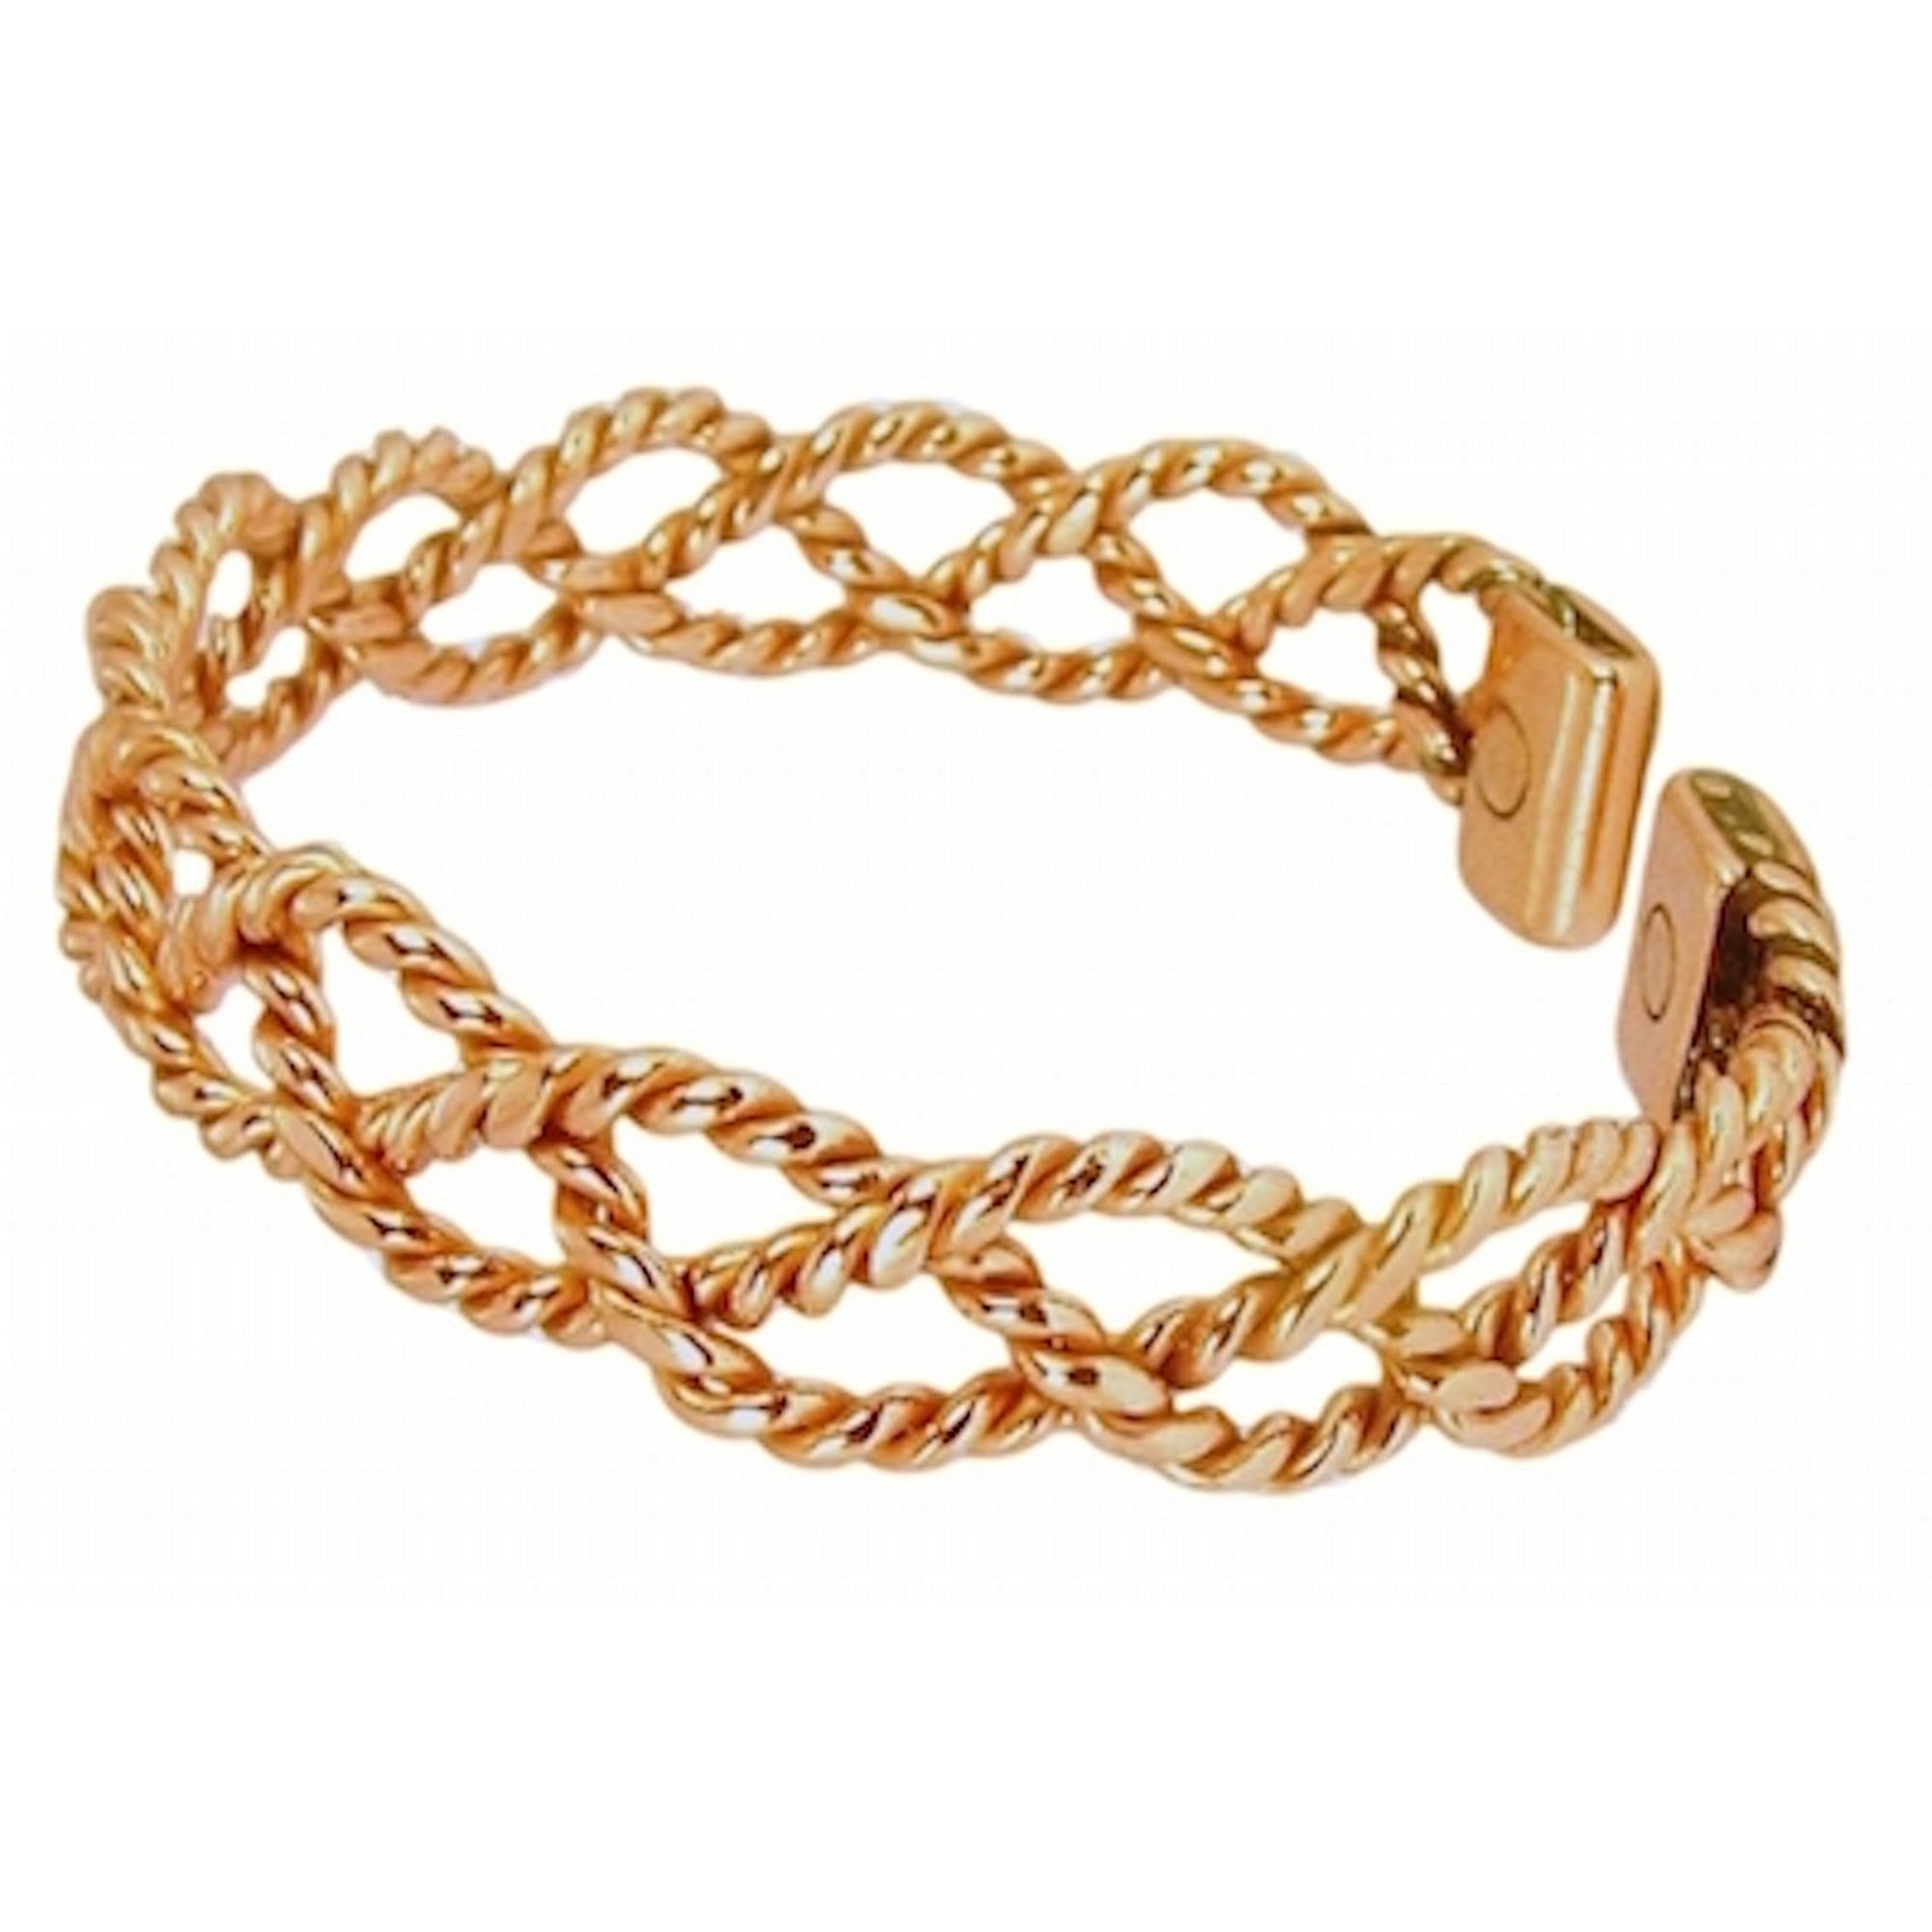 3ba4edb2c3 Solid Copper Womens Magnetic Cuff Bracelet Chloe Medium